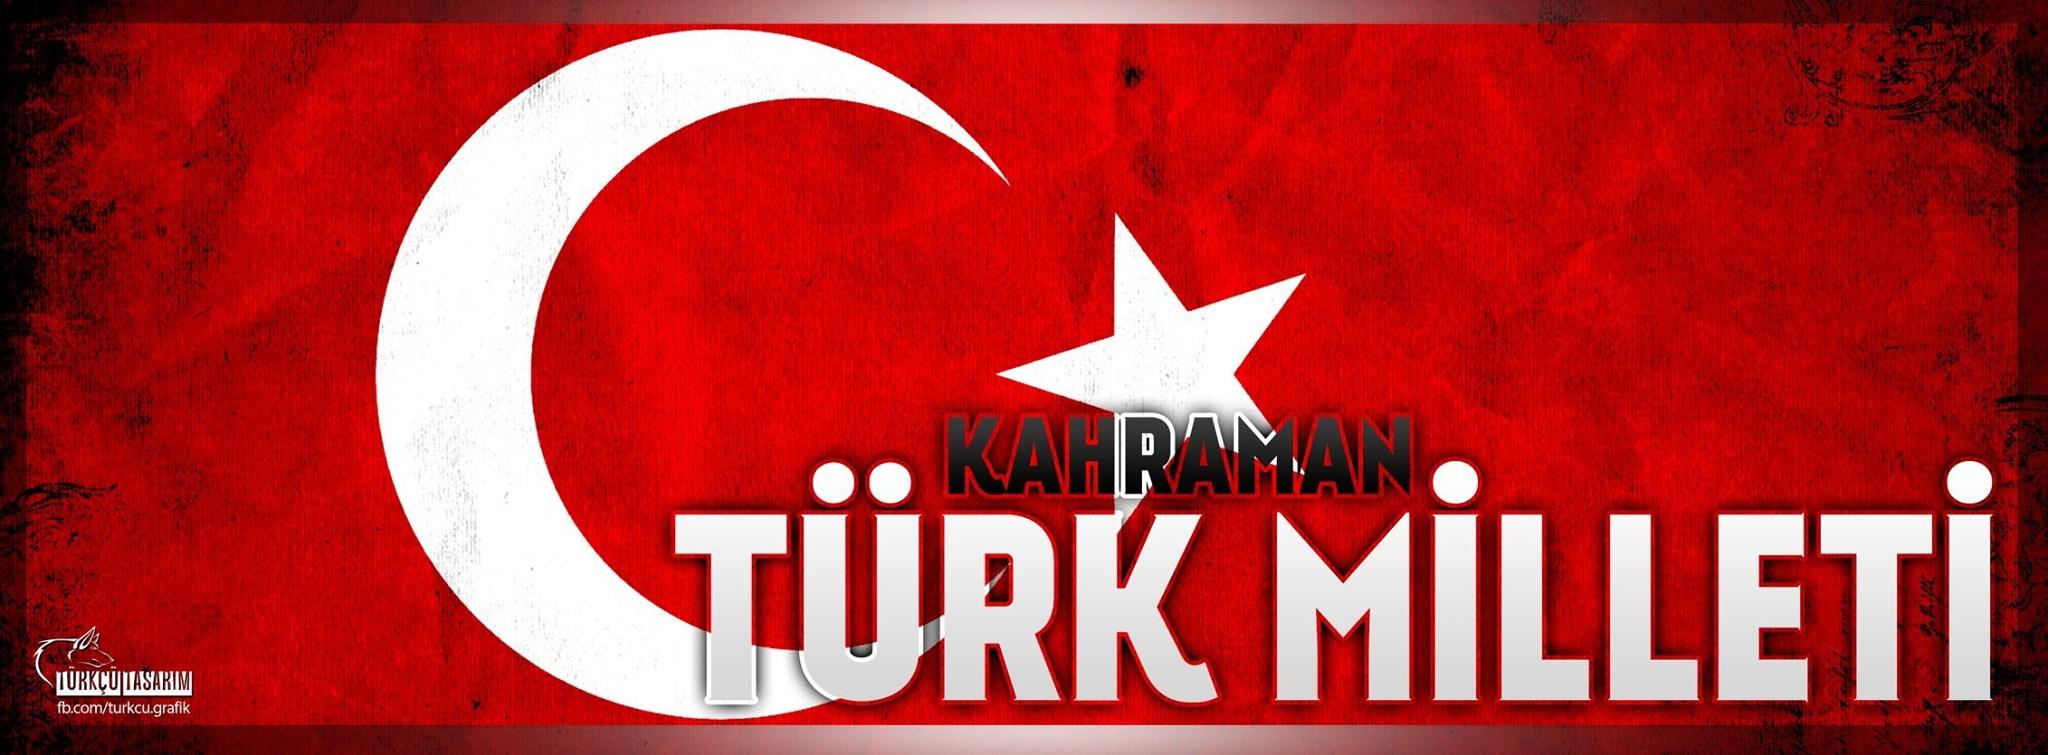 kahraman türk milleti -kapak